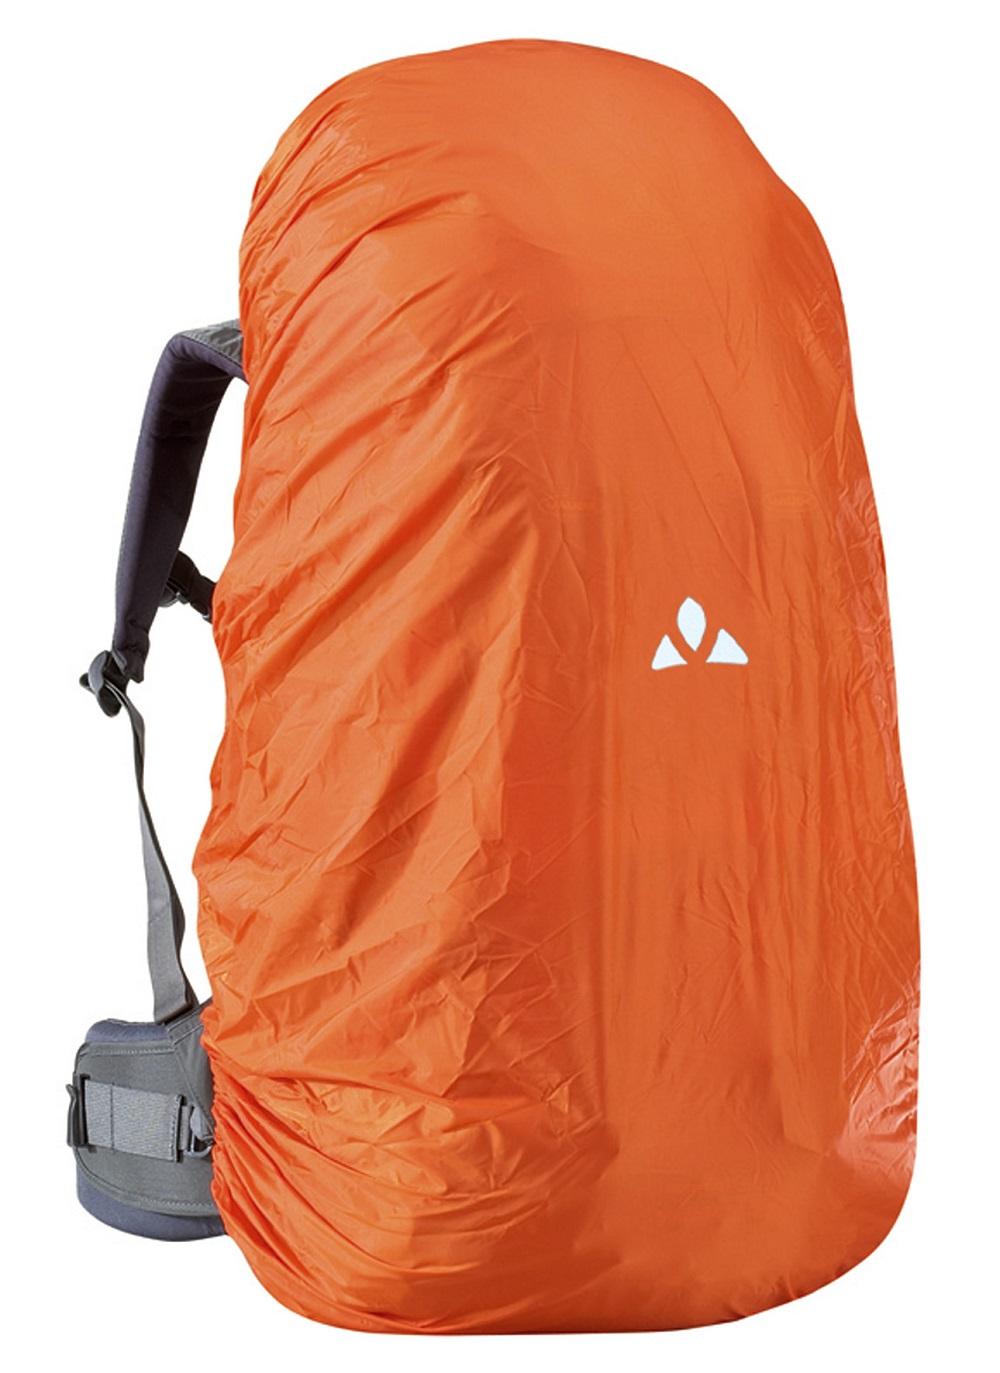 Raincover 15-30 for Backpacks